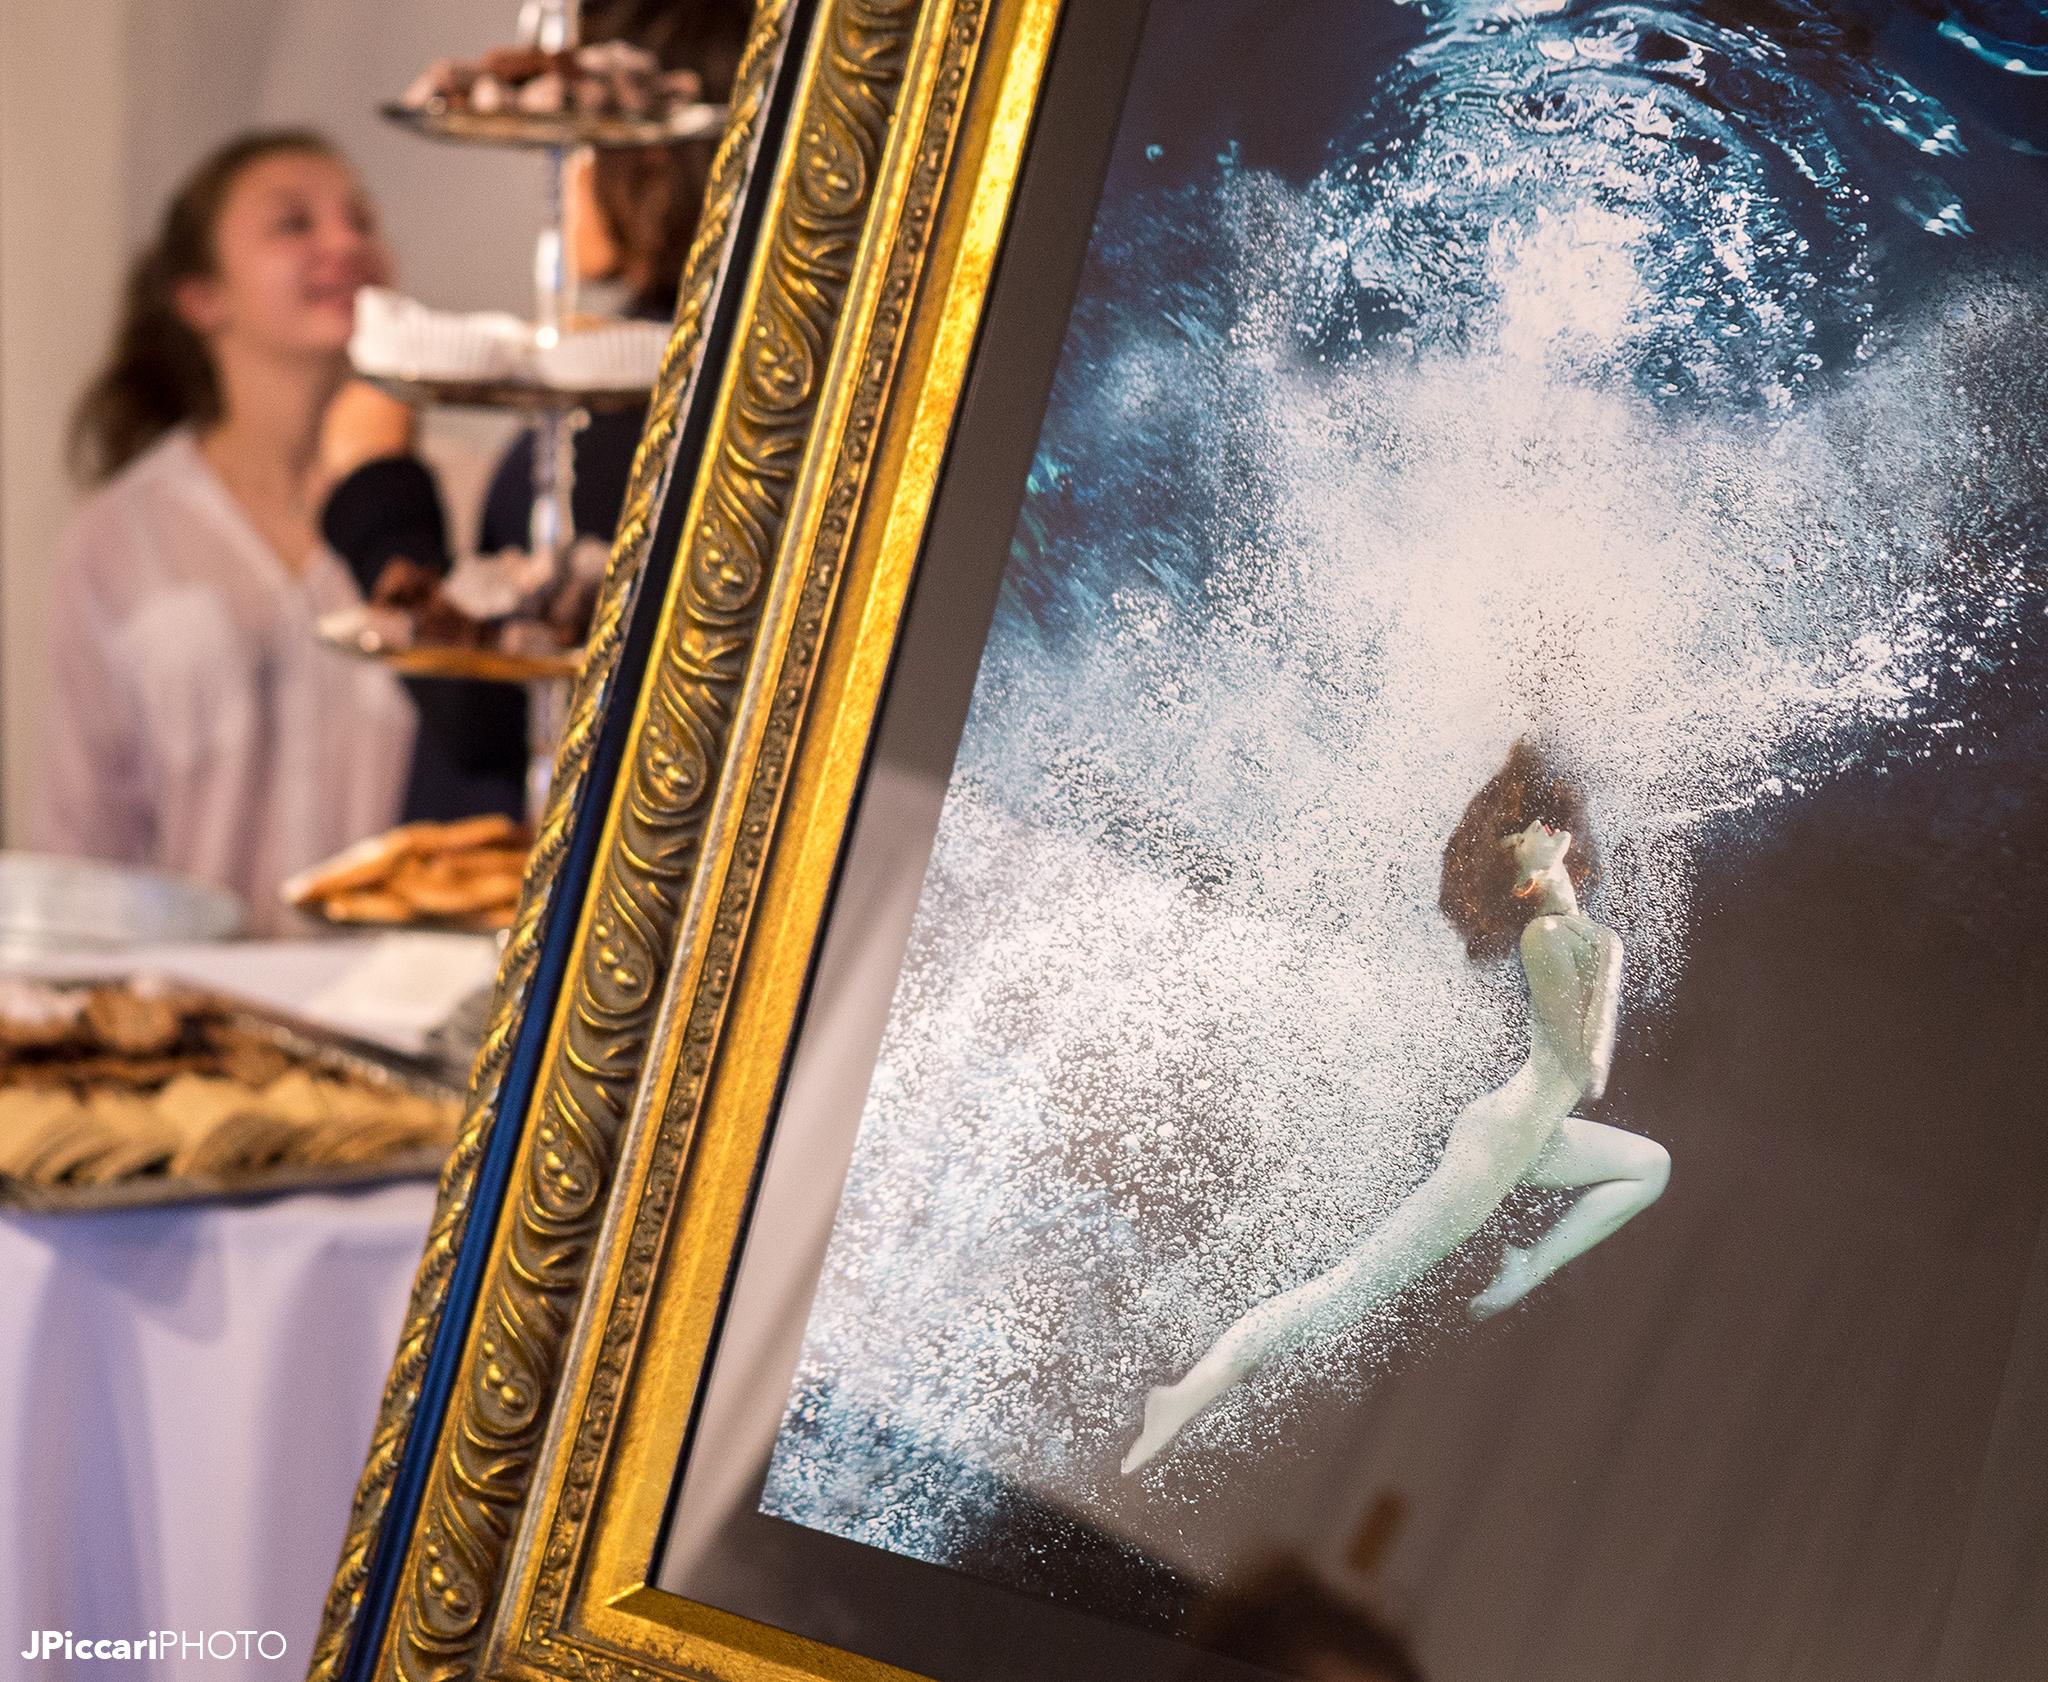 Gisele Lubsen art on display